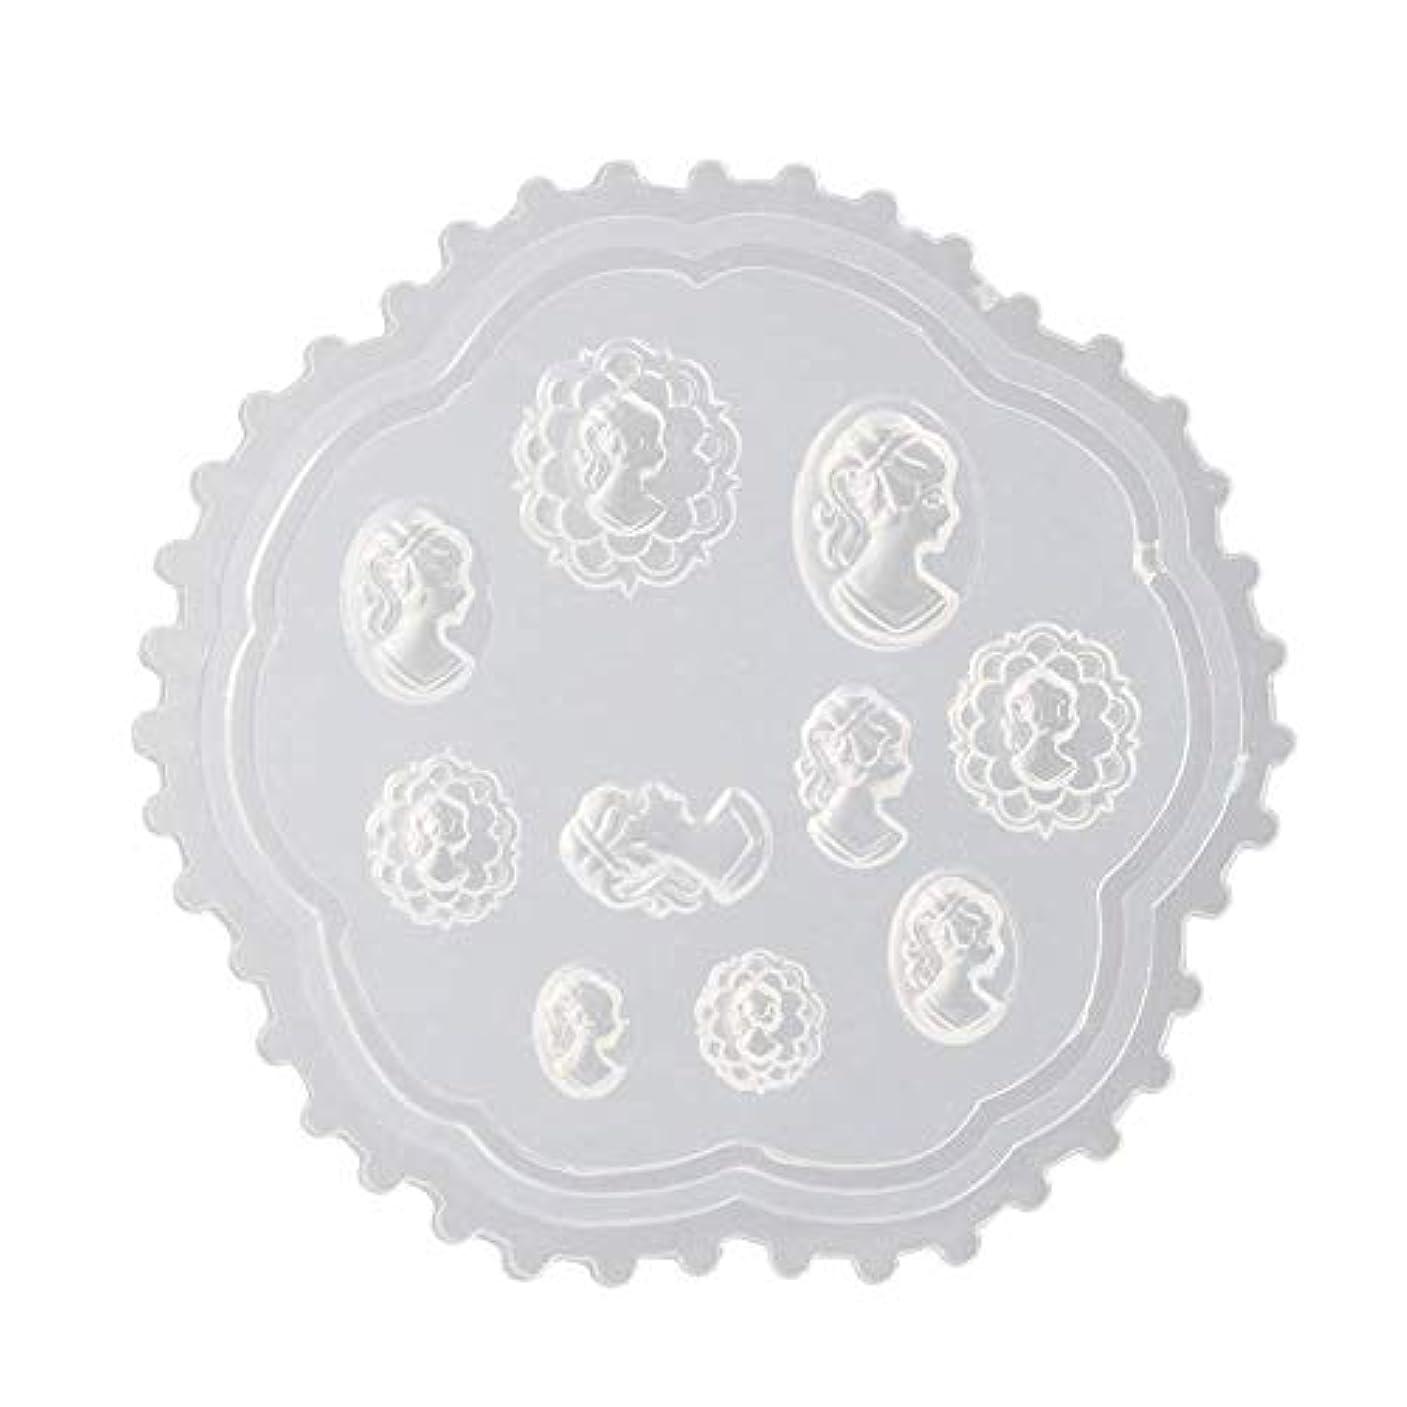 情緒的実証する水coraly 3Dシリコンモールド ネイル 葉 花 抜き型 3Dネイル用 レジンモールド UVレジン ネイルパーツ ジェル ネイル セット アクセサリー パーツ 作成 (2)